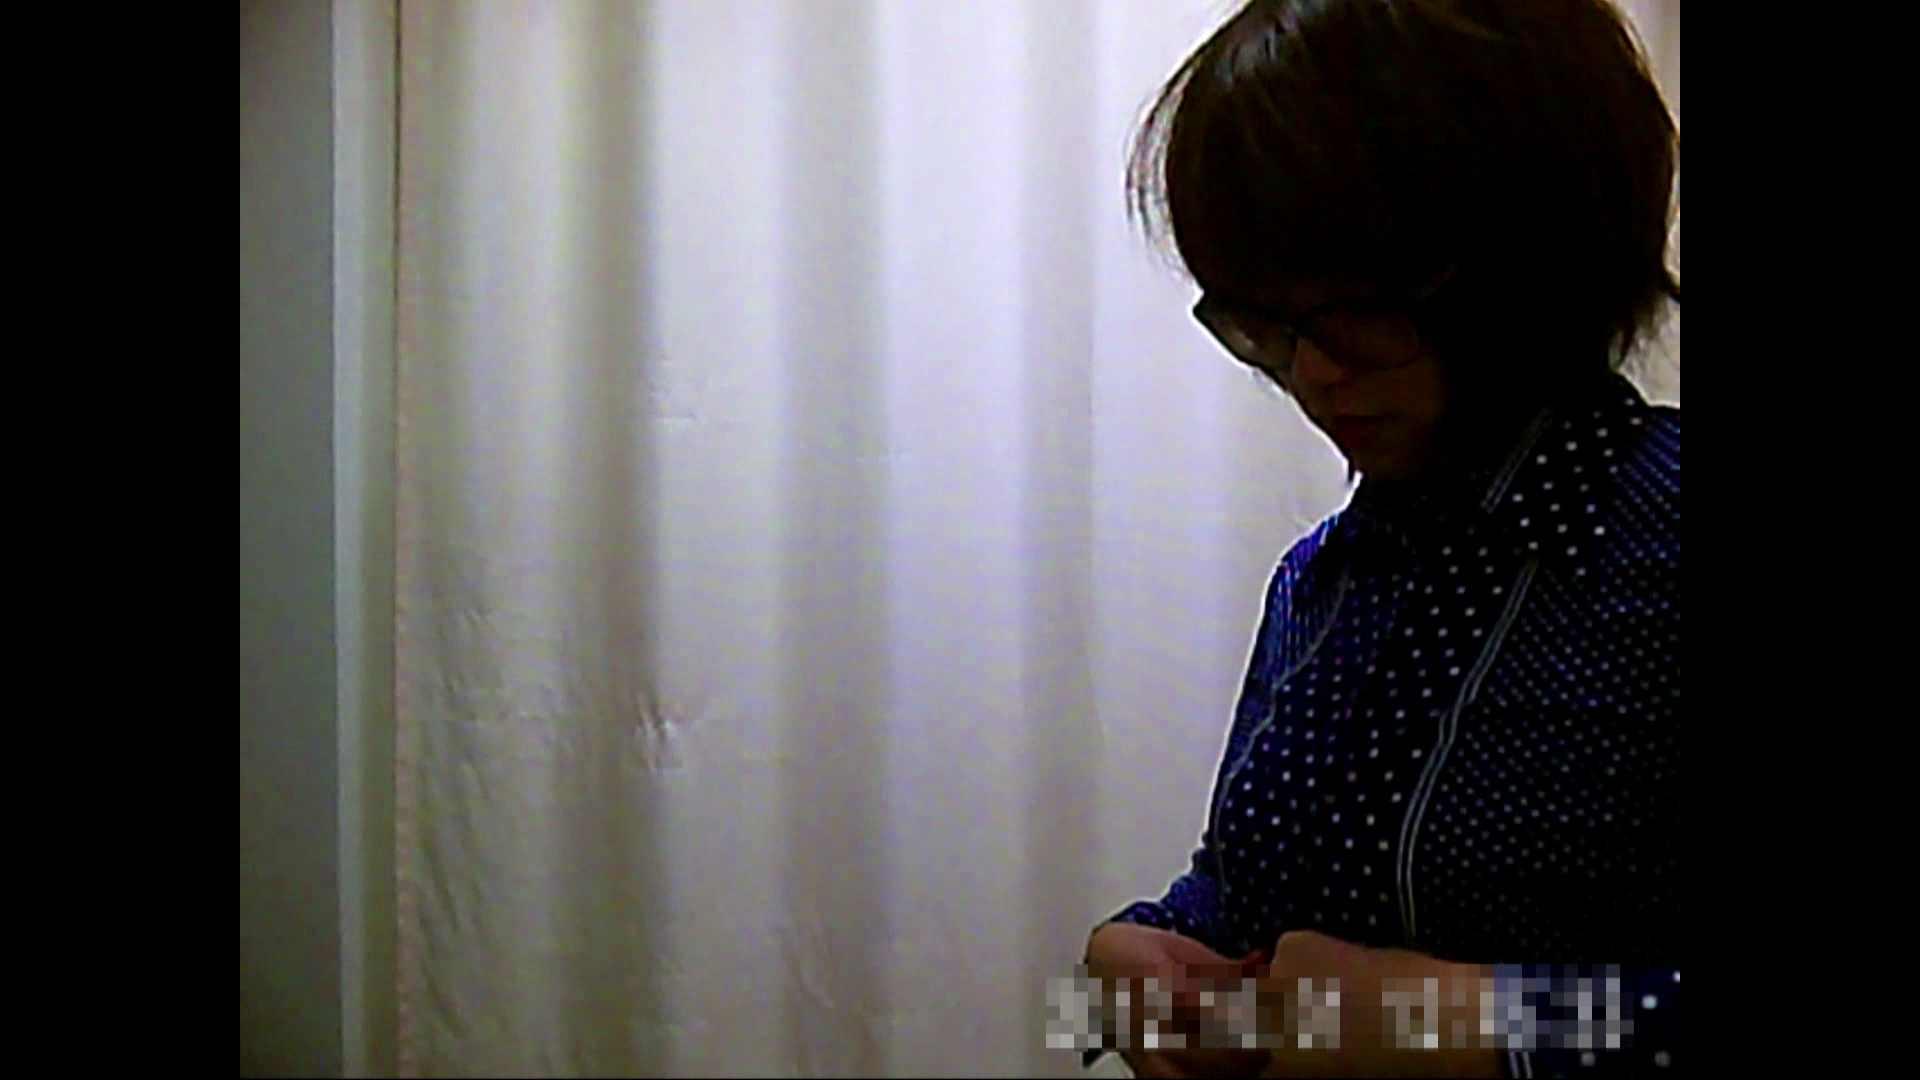 巨乳 乳首:元医者による反抗 更衣室地獄絵巻 vol.070:怪盗ジョーカー